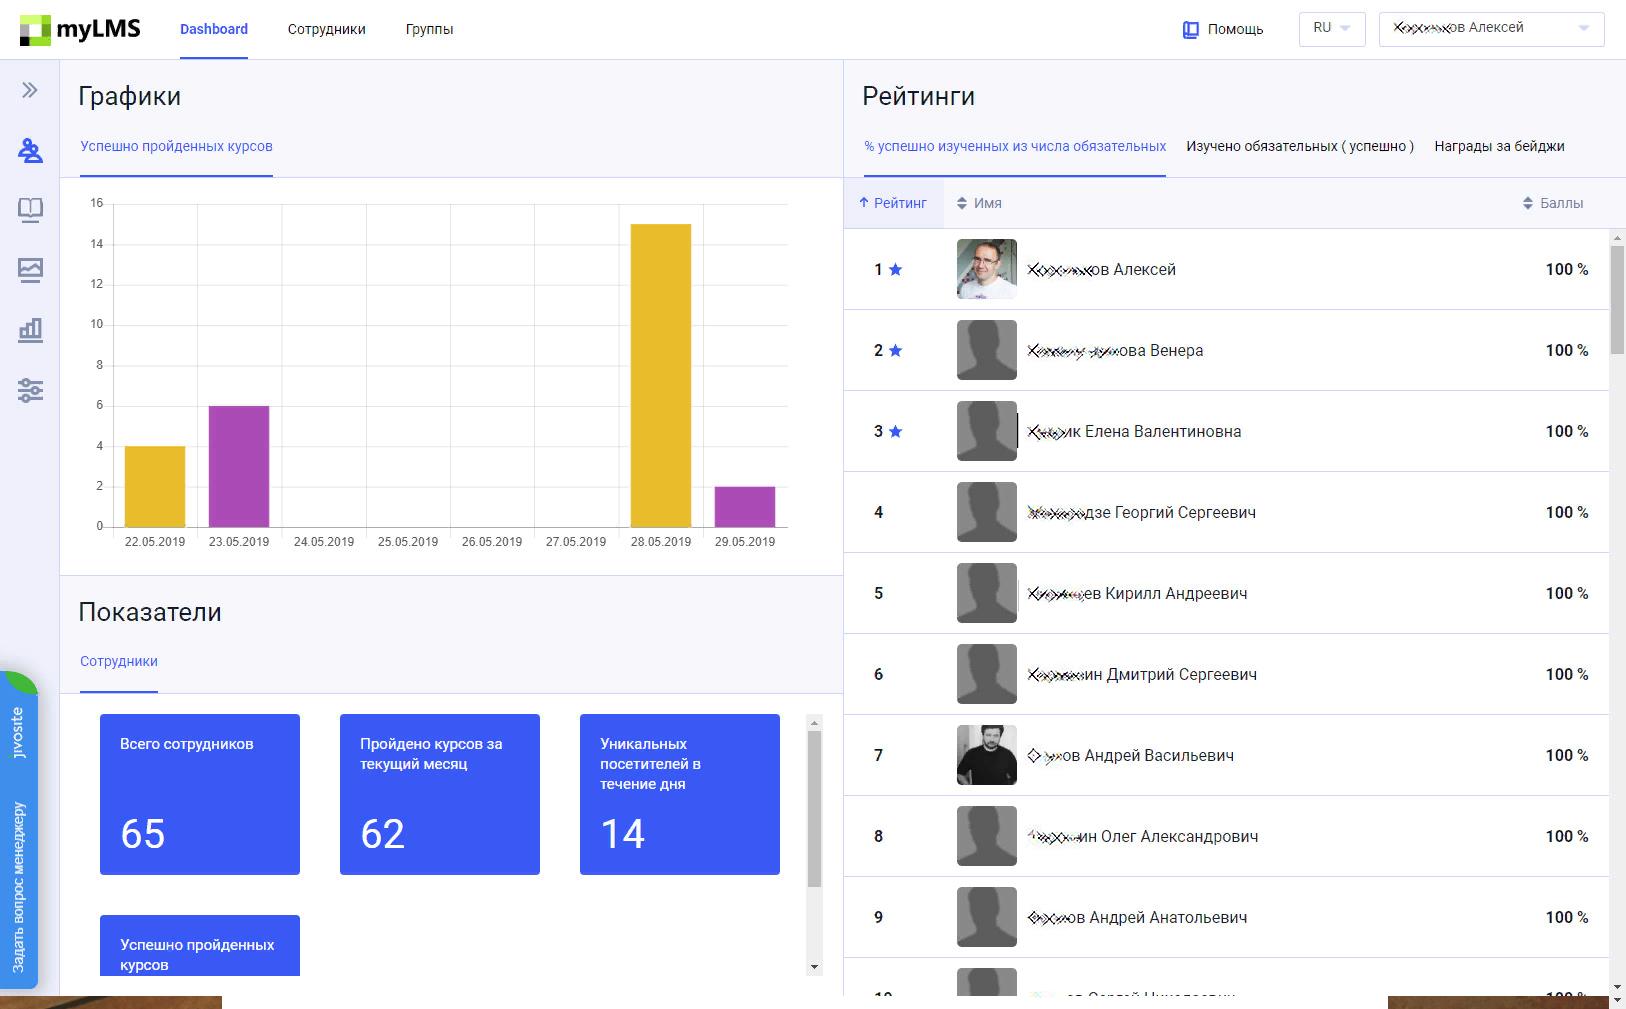 Информационная панель с данными о состоянии учебного процесса в СУО MyLMS